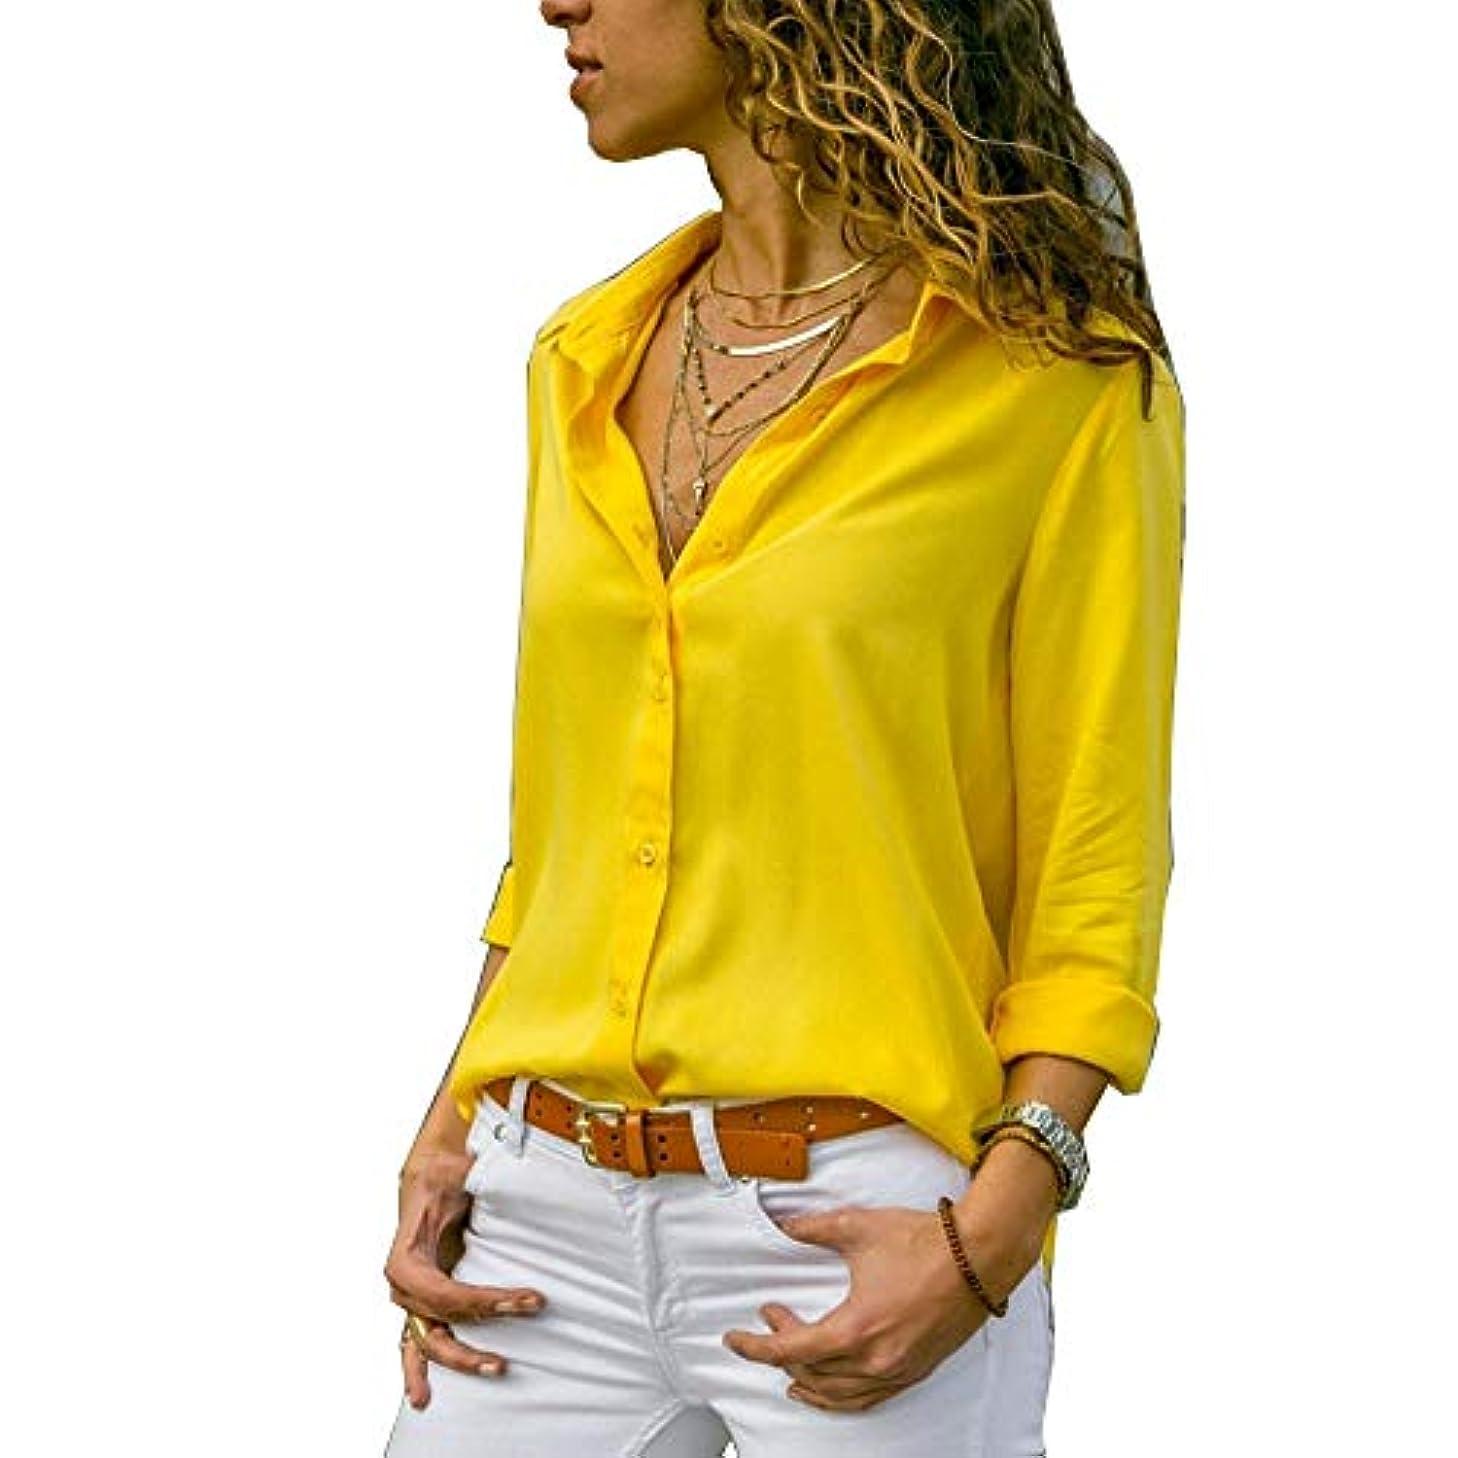 バブル狐哀MIFAN ルーズシャツ、トップス&Tシャツ、プラスサイズ、トップス&ブラウス、シフォンブラウス、女性トップス、シフォンシャツ